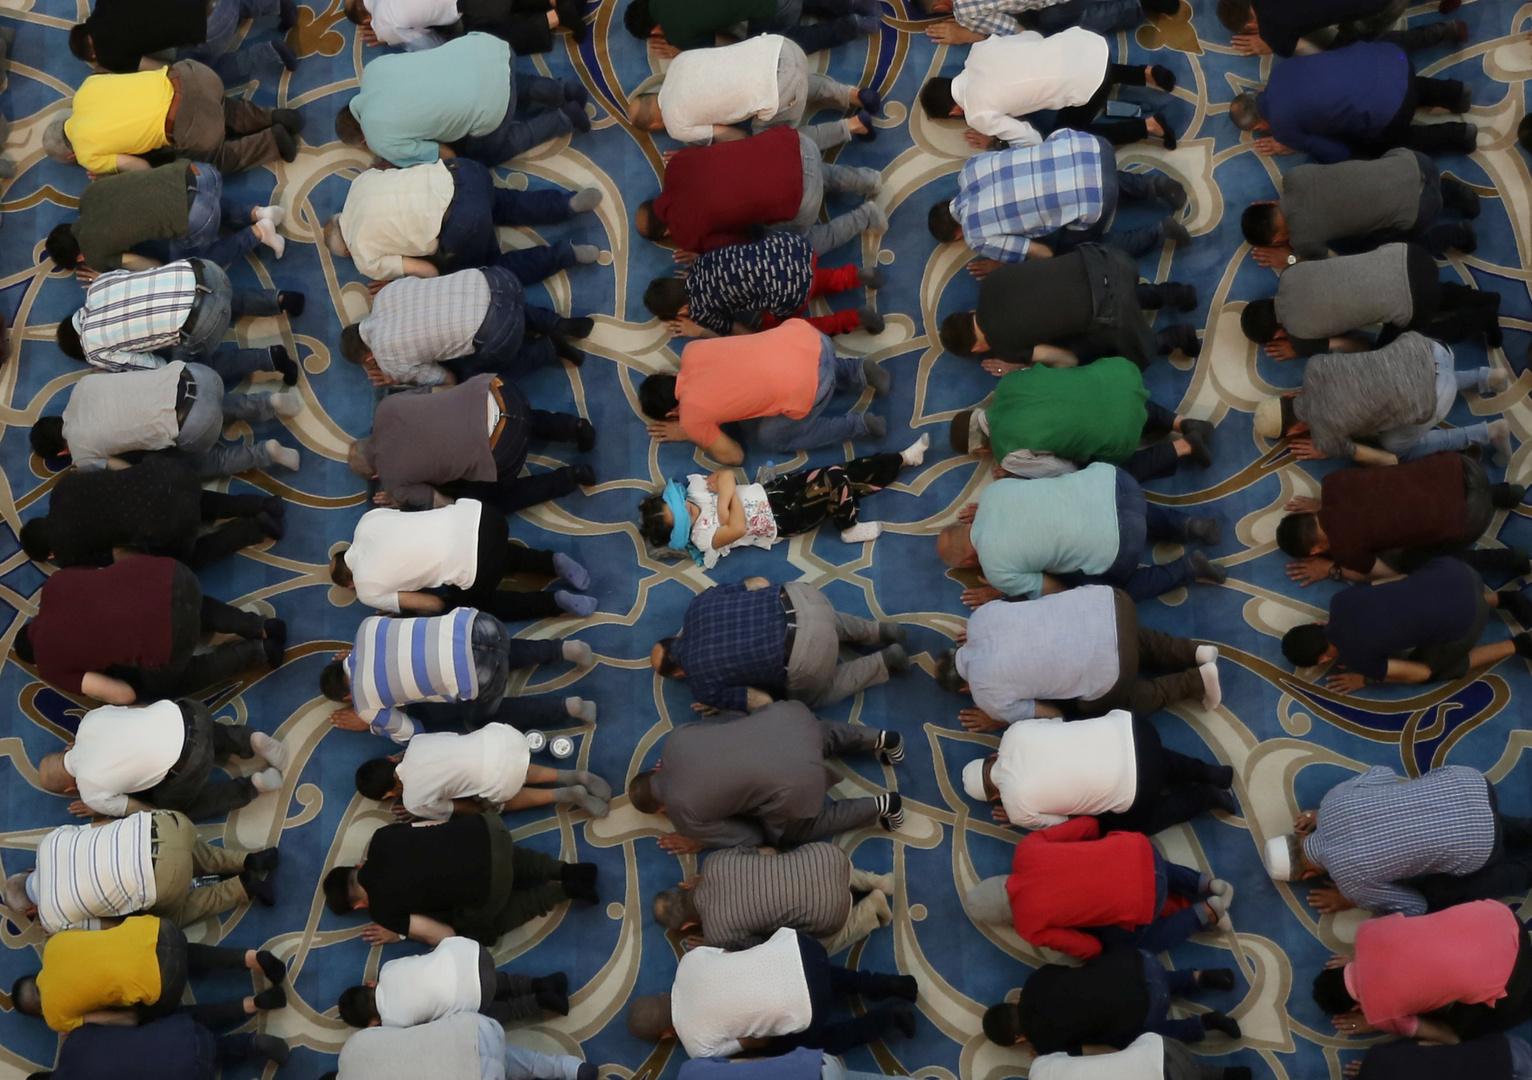 دار الإفتاء في مصر تحذر من حديث خاطئ متداول منسوب للرسول